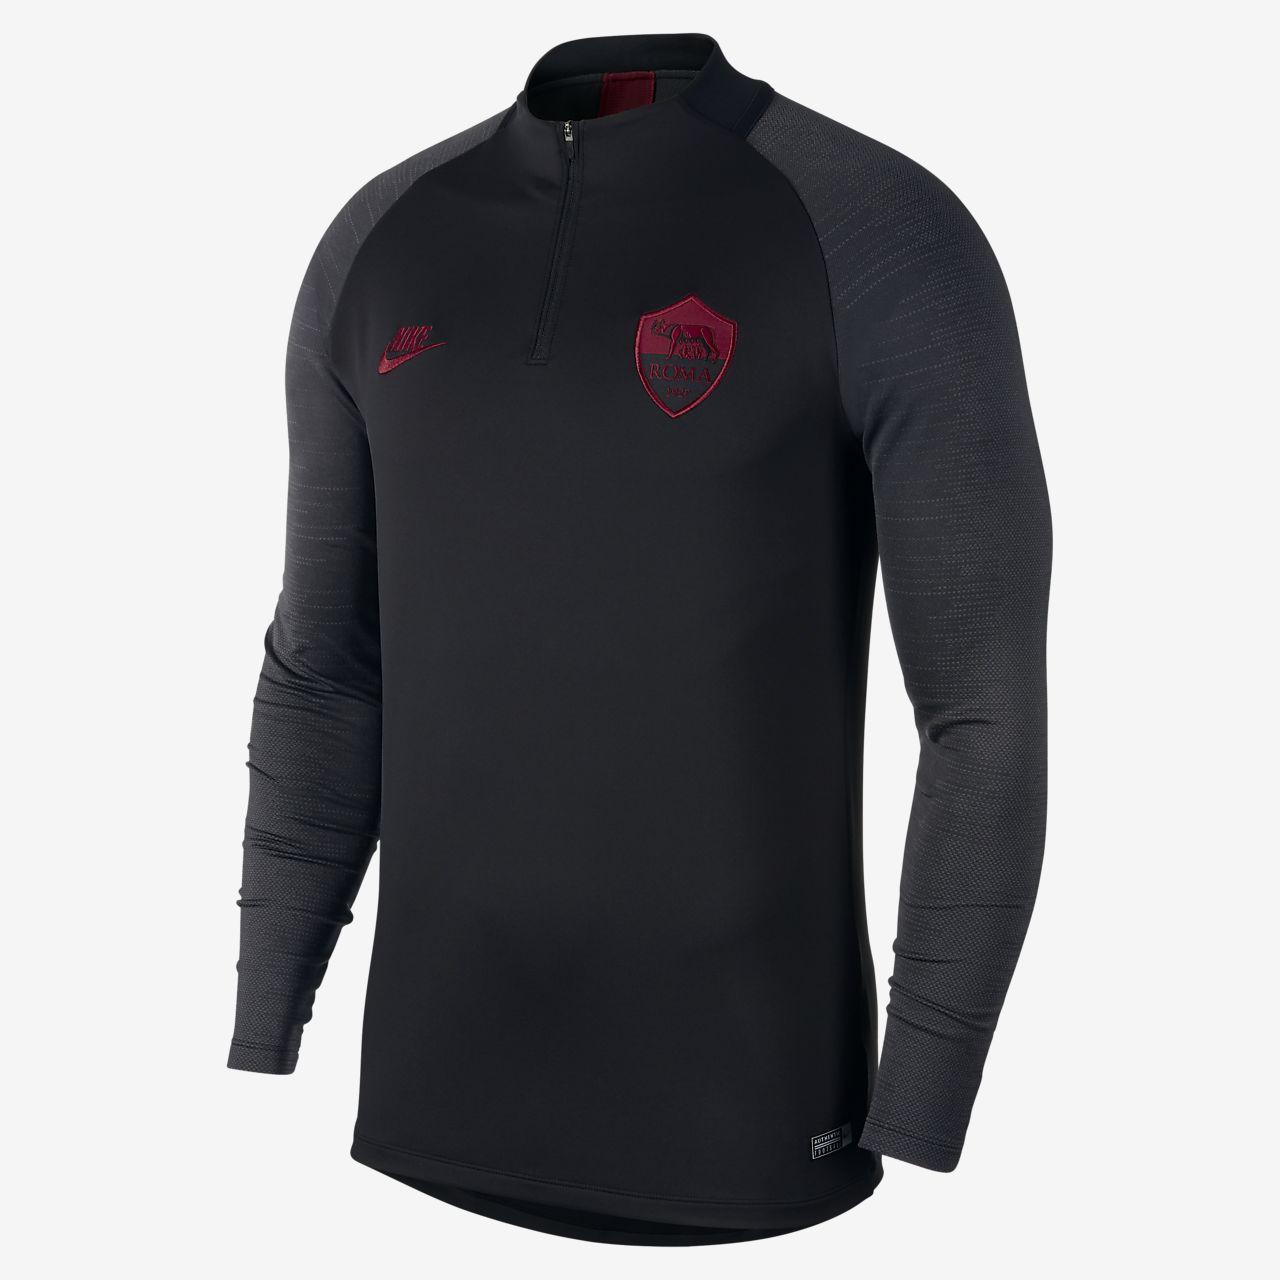 Dettagli su As Roma Nike Dry strike drill top Felpa Allenamento Training Nero 2019 20